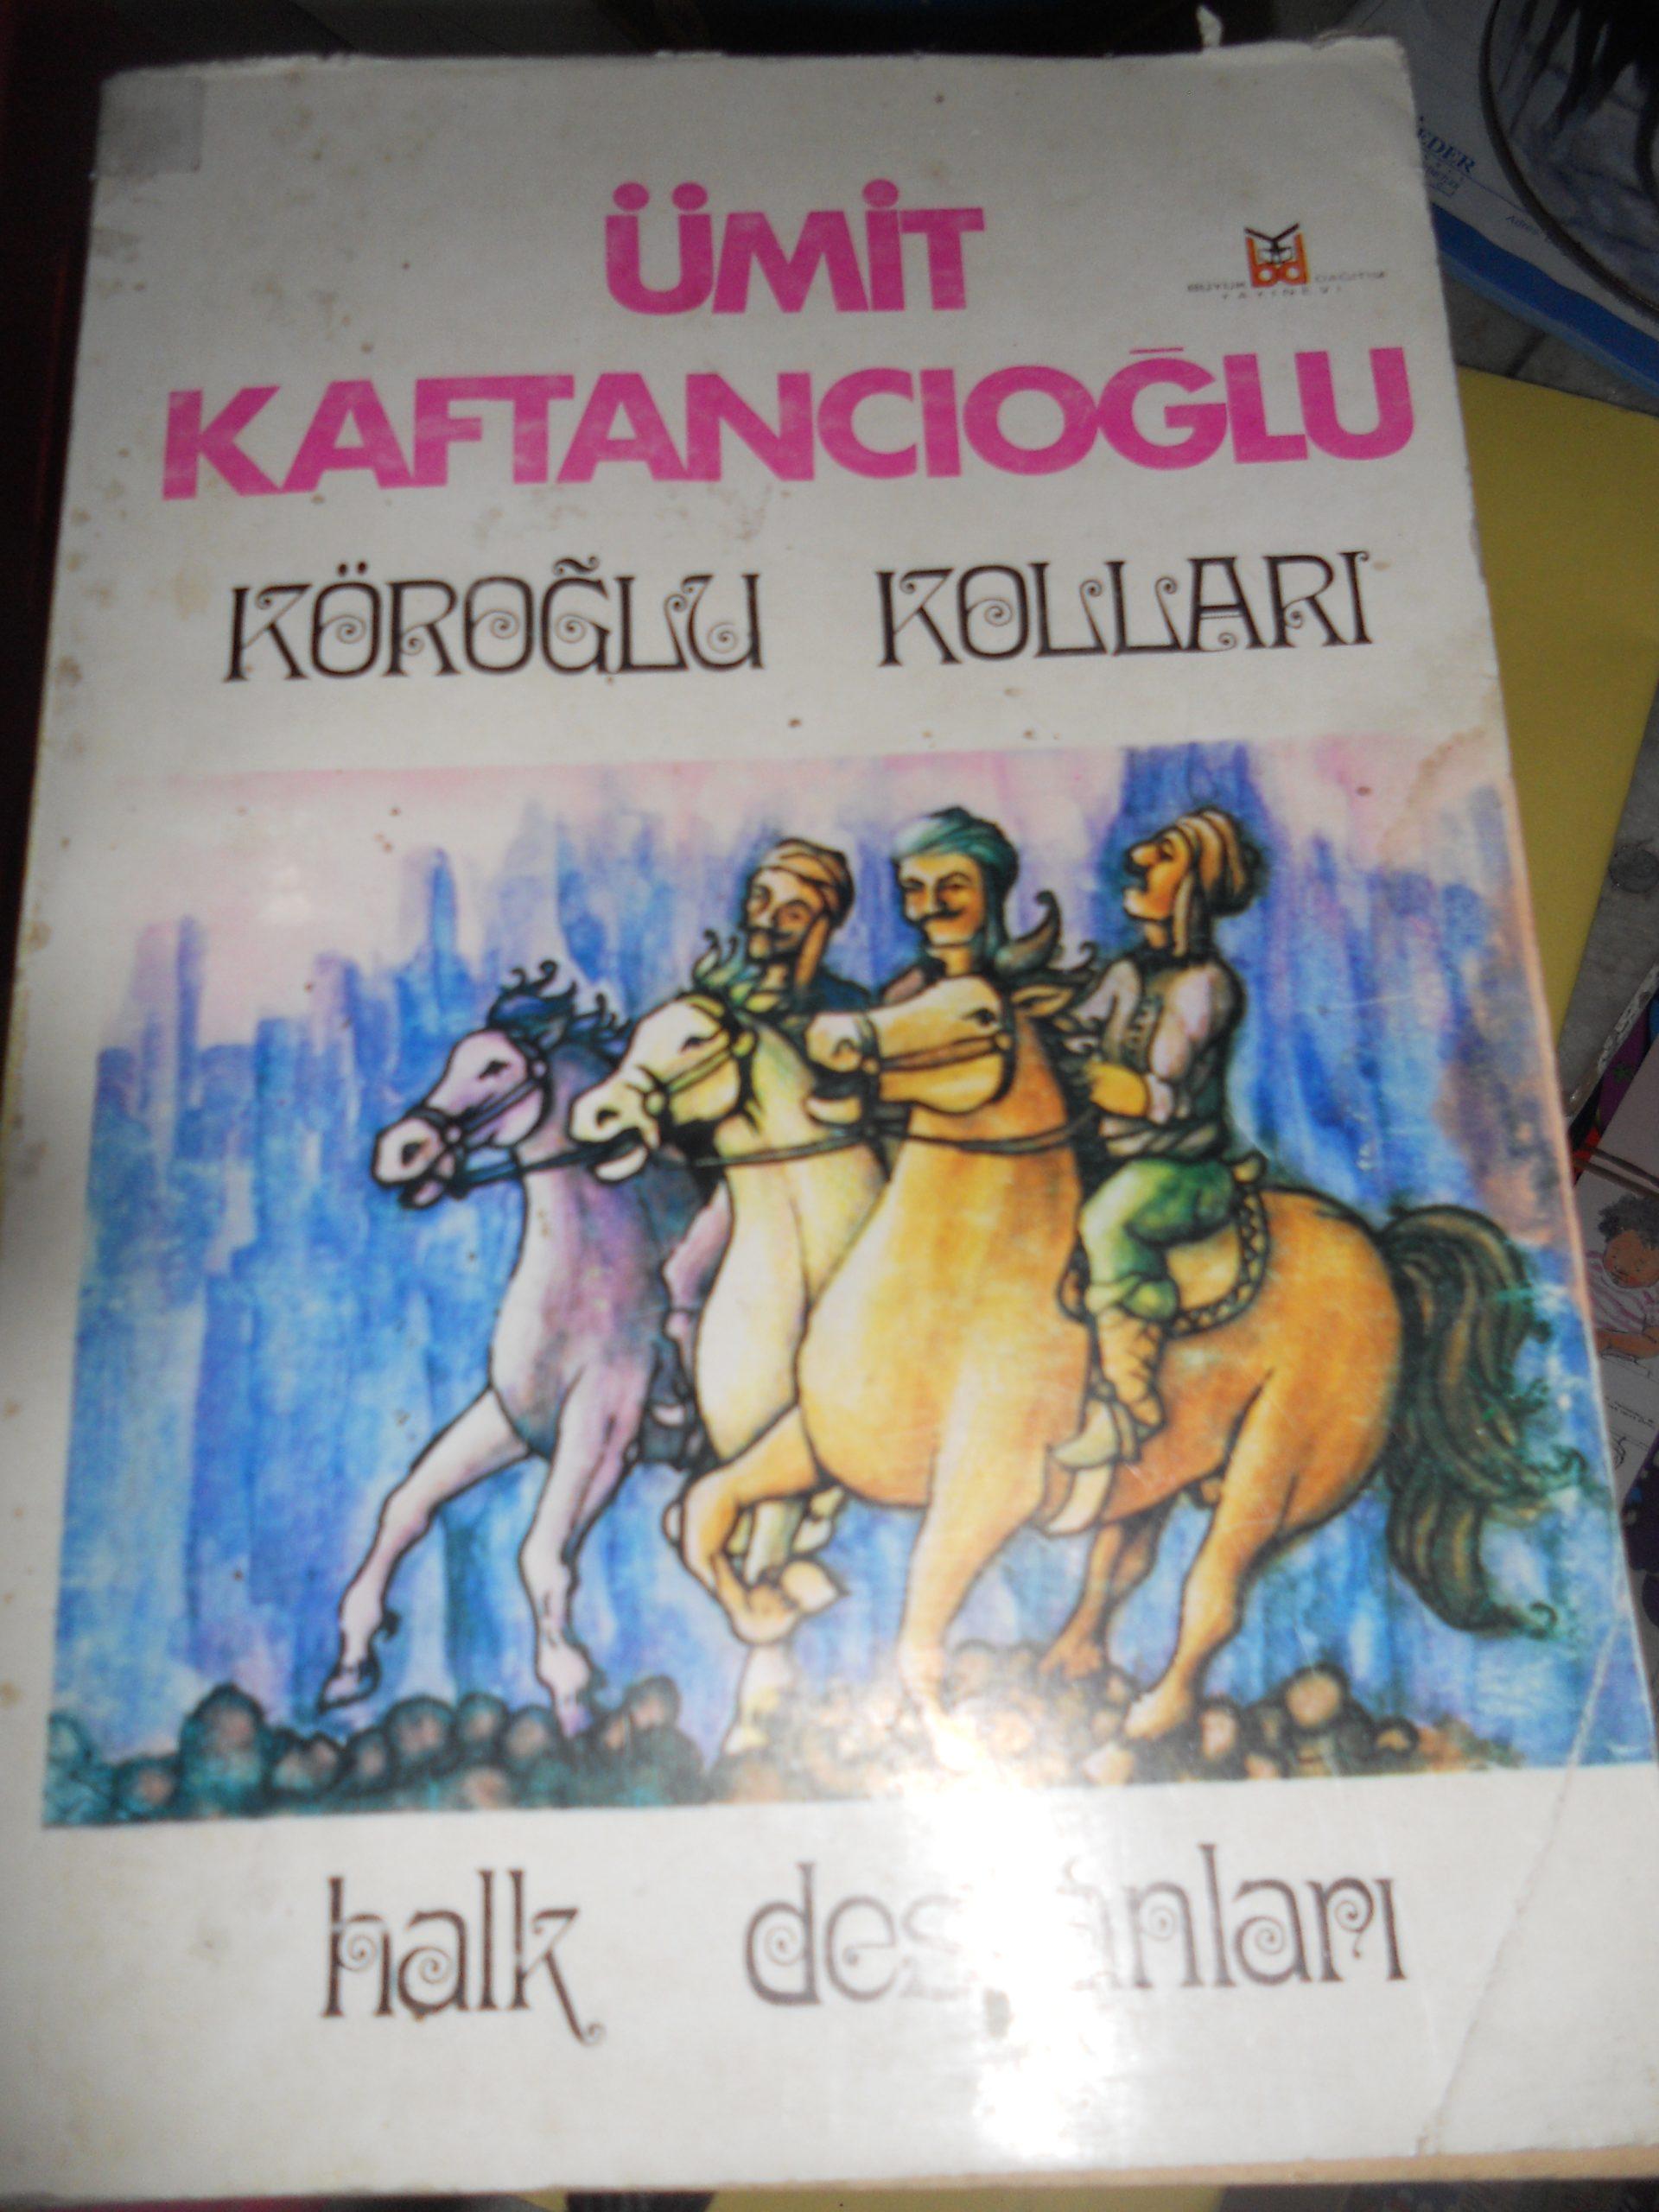 KÖROĞLU KOLLARI/Ümit Kaftancıoğlu/25 TL